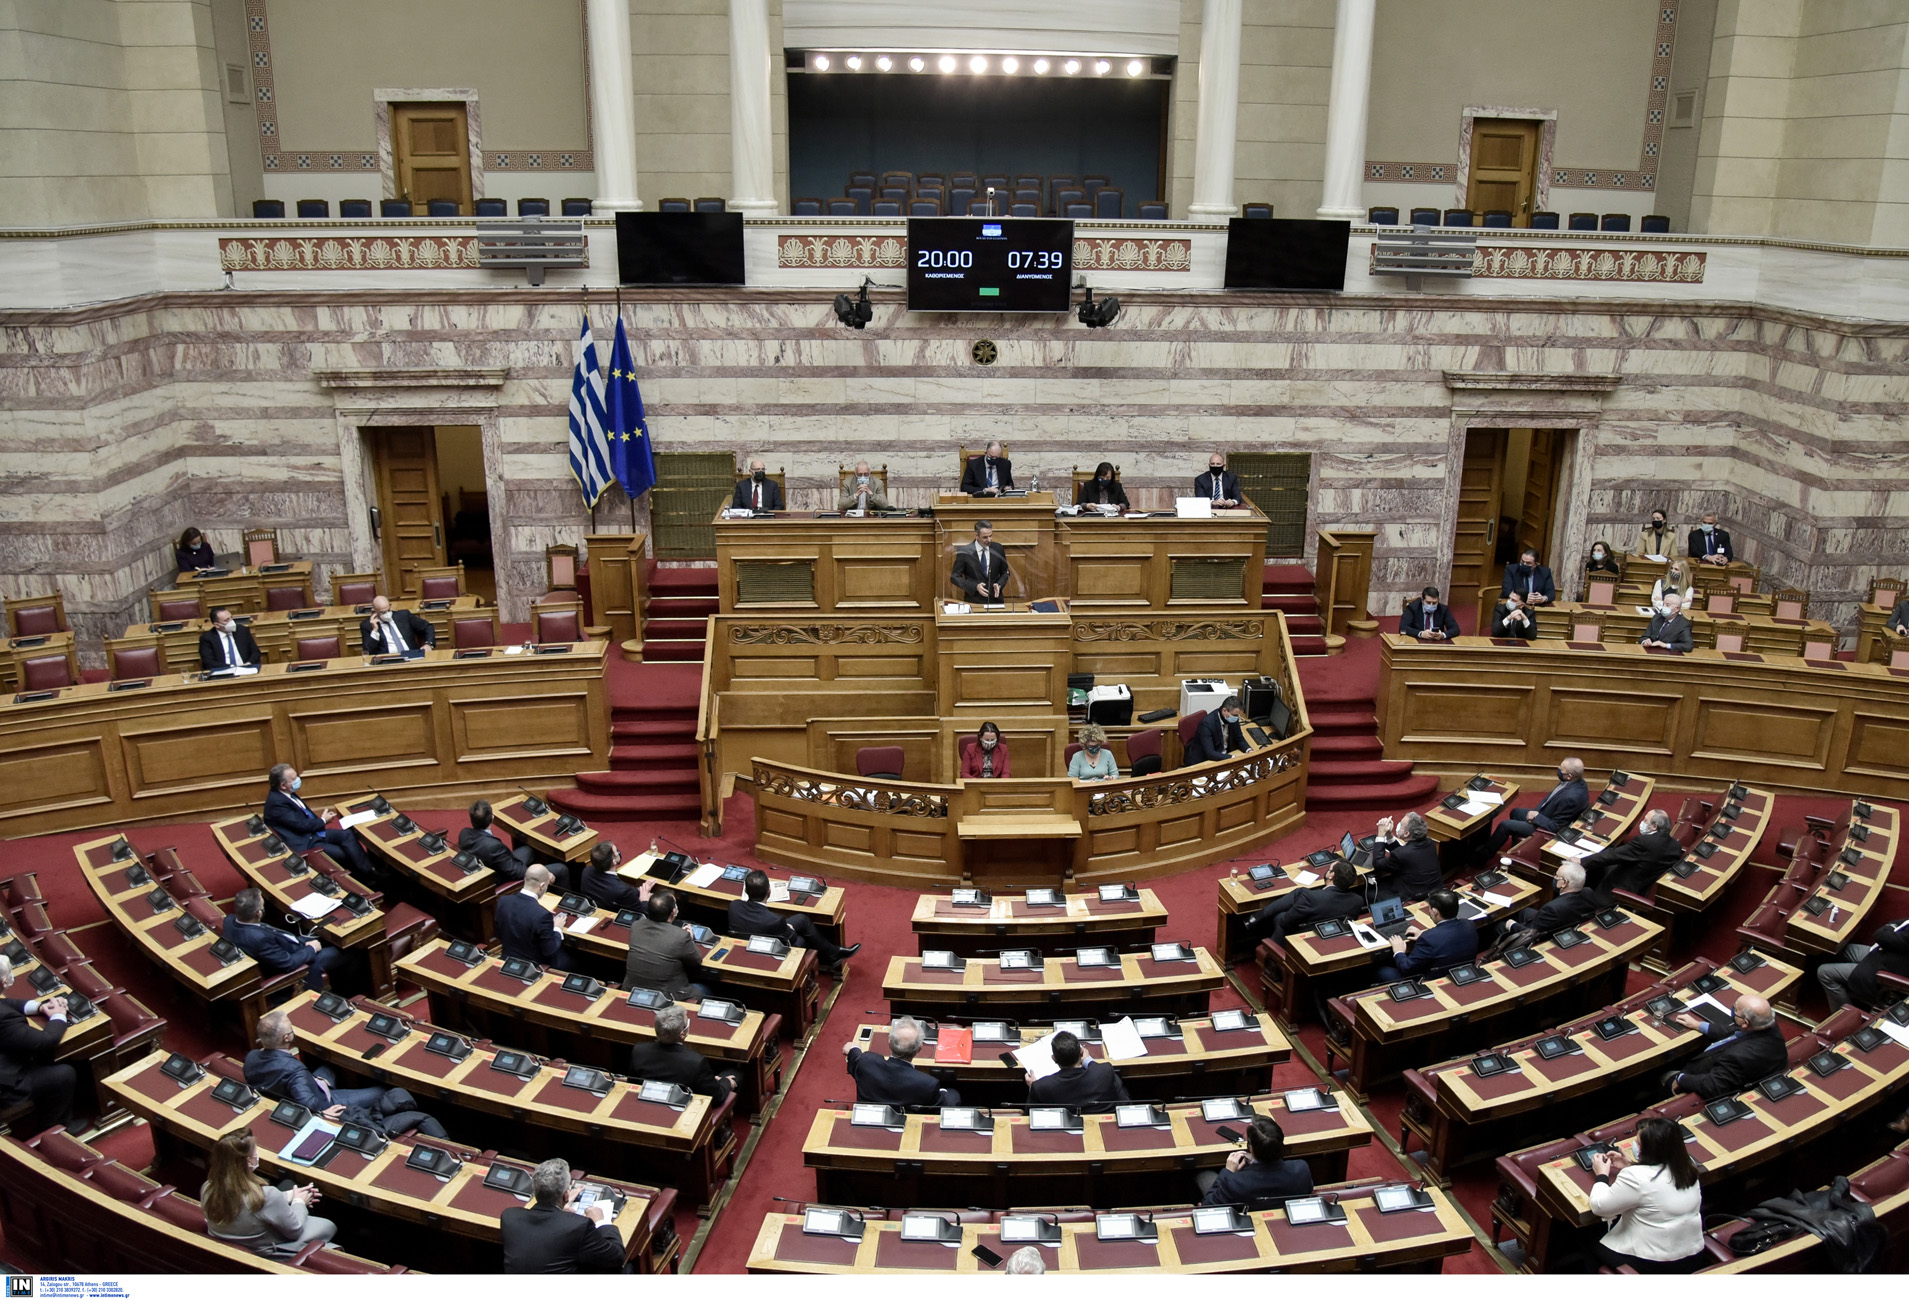 Βουλή: Ενός λεπτού σιγή στη μνήμη του αρχιπυροσβέστη Ιωάννη Ζαφειρόπουλου